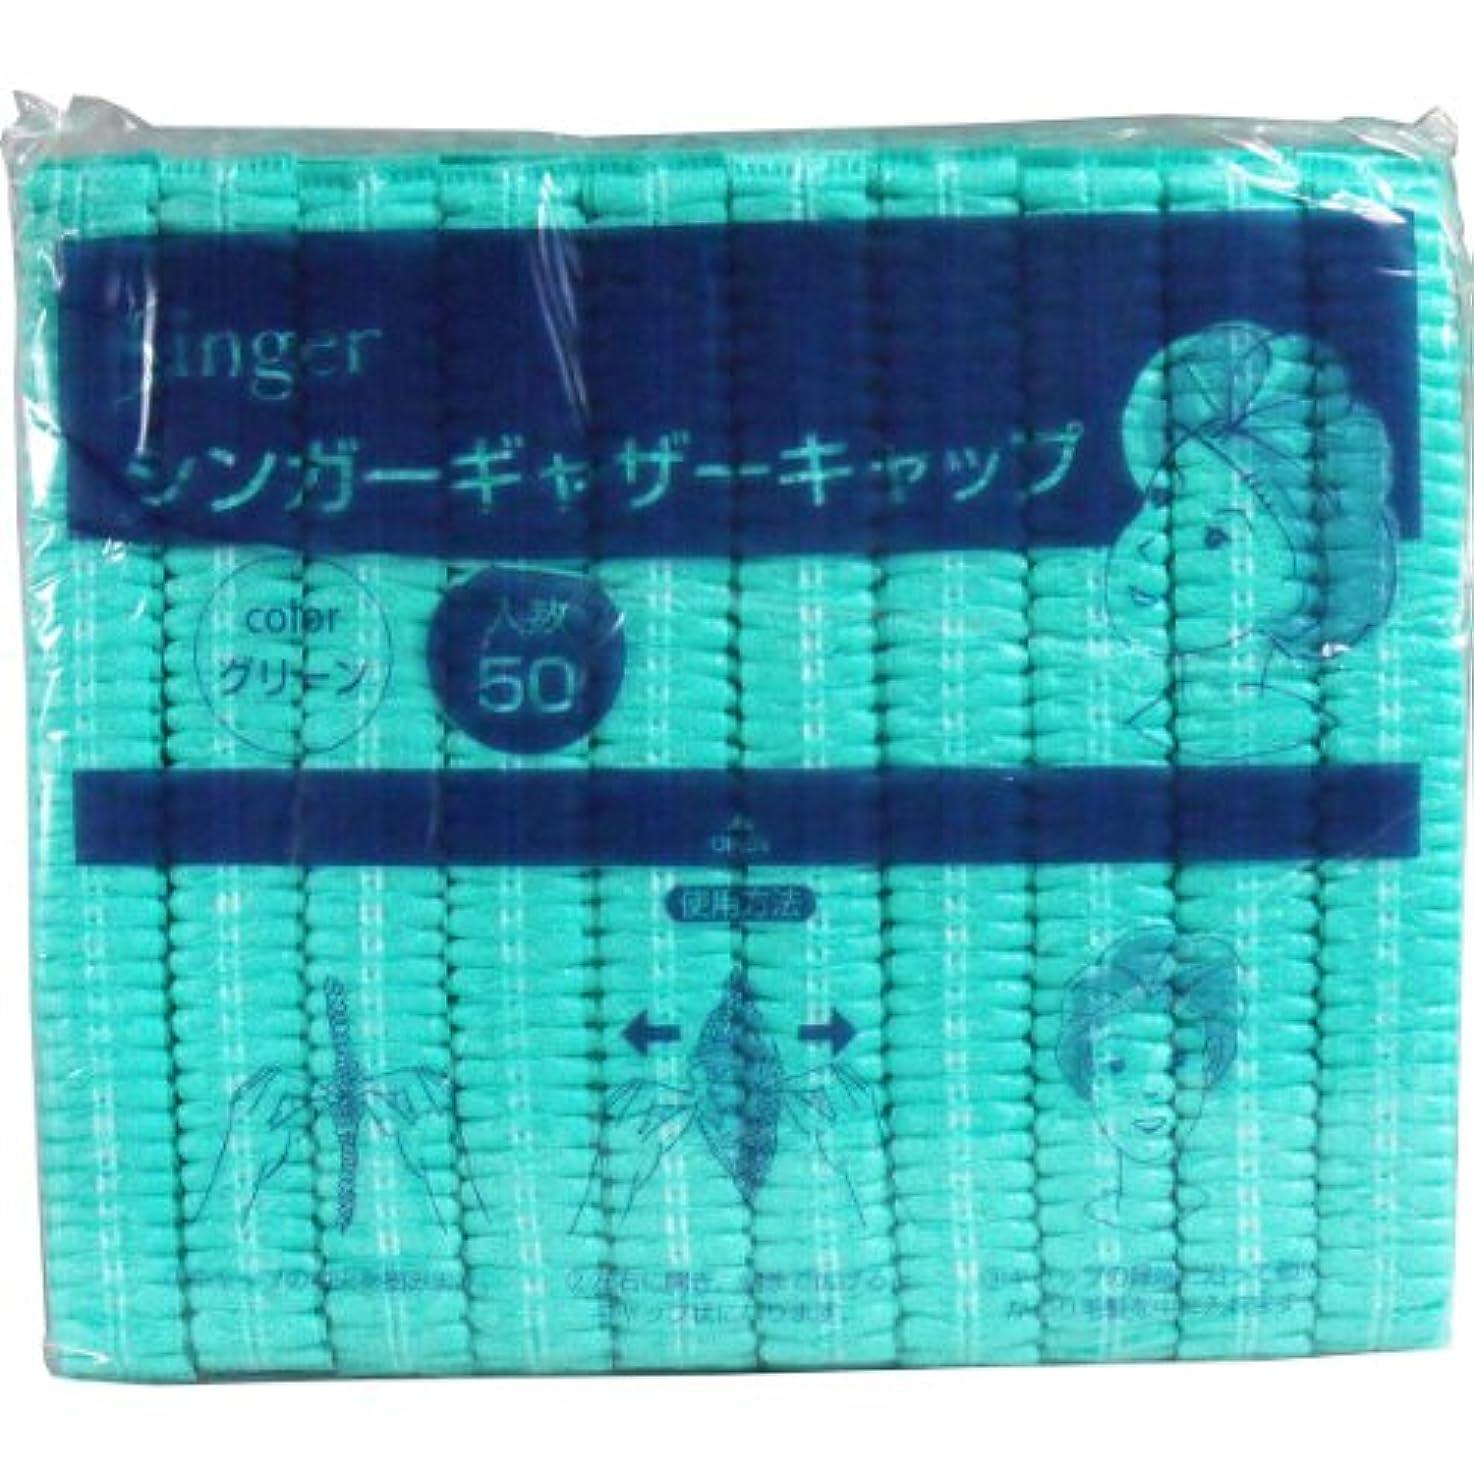 壊れた抗議クレジット宇都宮製作 不織布製衛生キャップ シンガーギャザーキャップ 50枚入 グリーン